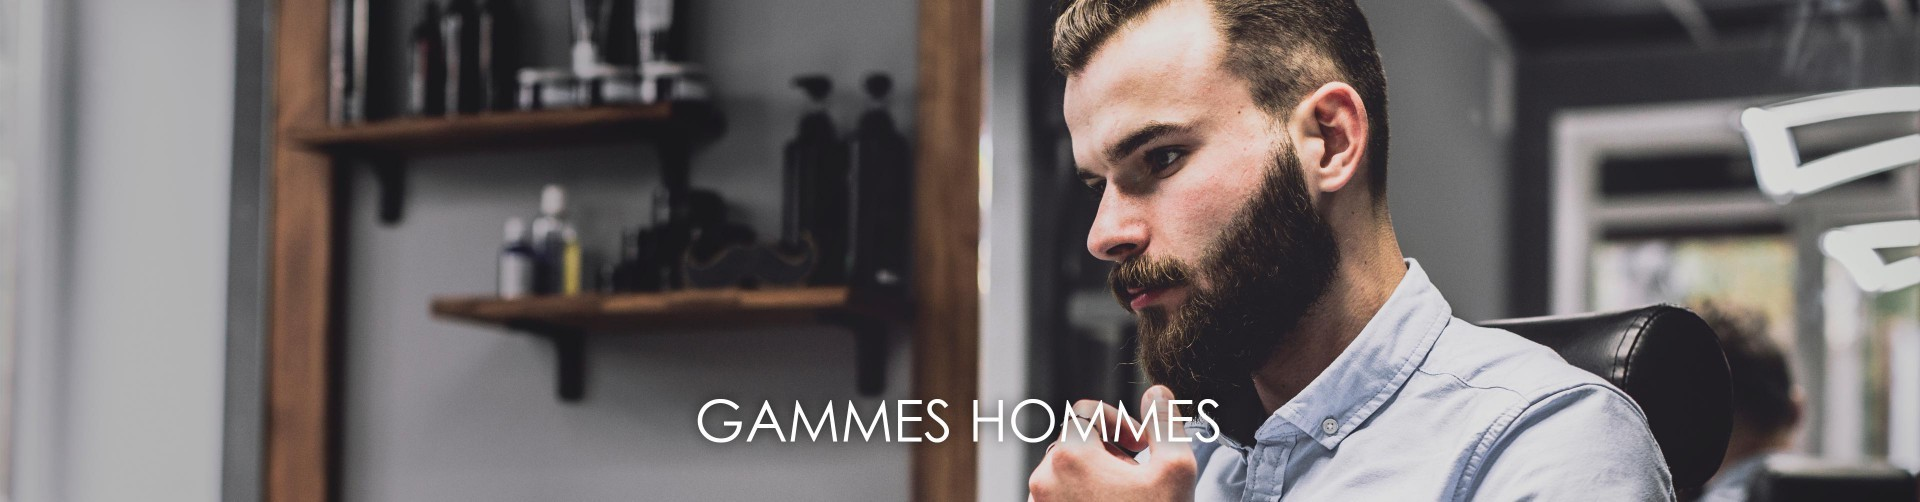 Homme class=